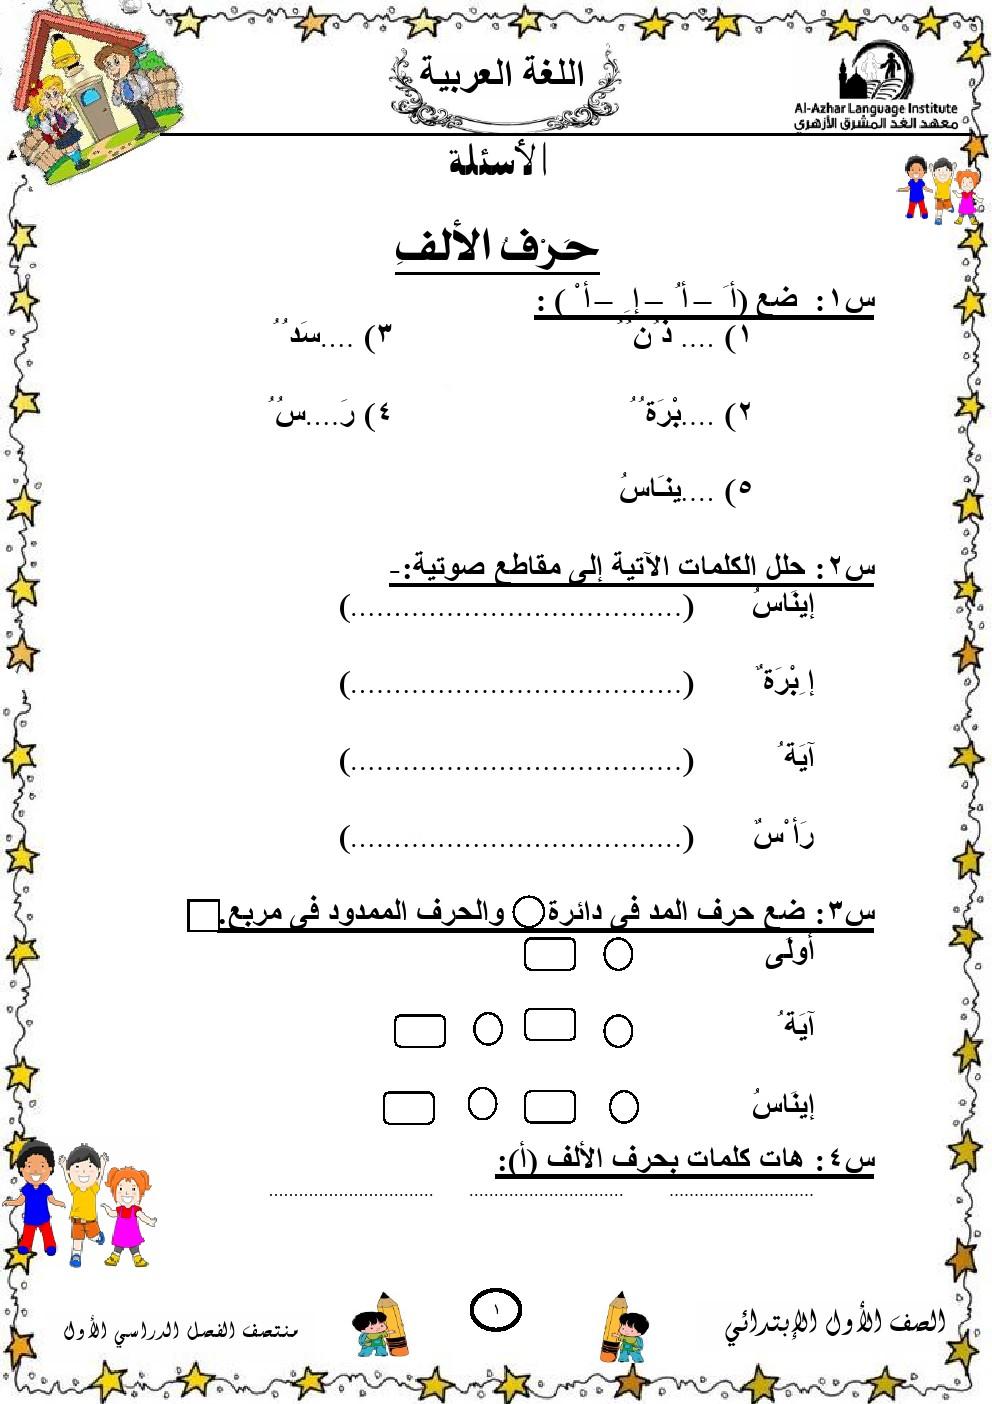 مراجعة لغة عربية للصف الاول الابتدائي الترم الثاني لعام 2022